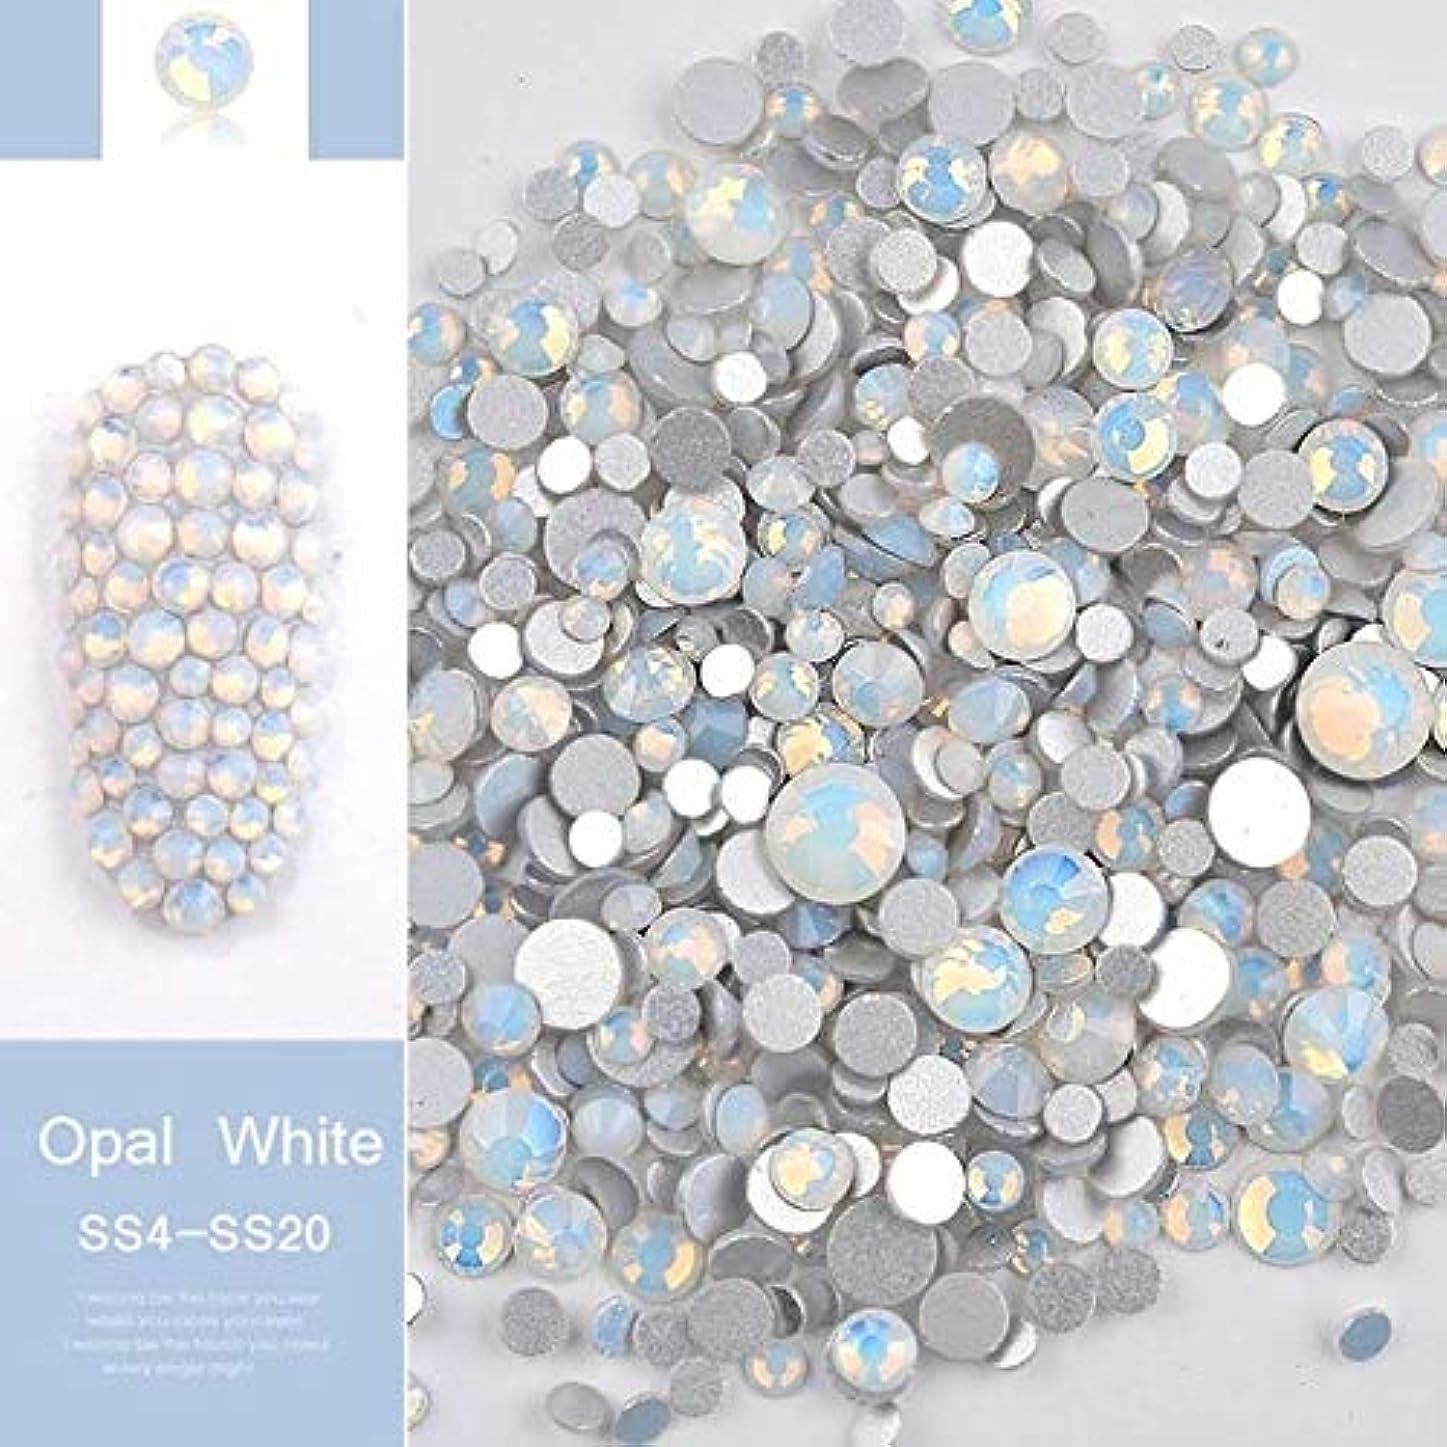 日常的に刑務所マーケティングCELINEZL CELINEZL 1パックミックスサイズ(SS4-SS20)クリスタルカラフルなオパールネイルアートラインストーンの装飾キラキラの宝石3Dマニキュアアクセサリーツール(ホワイト) (色 : 白)